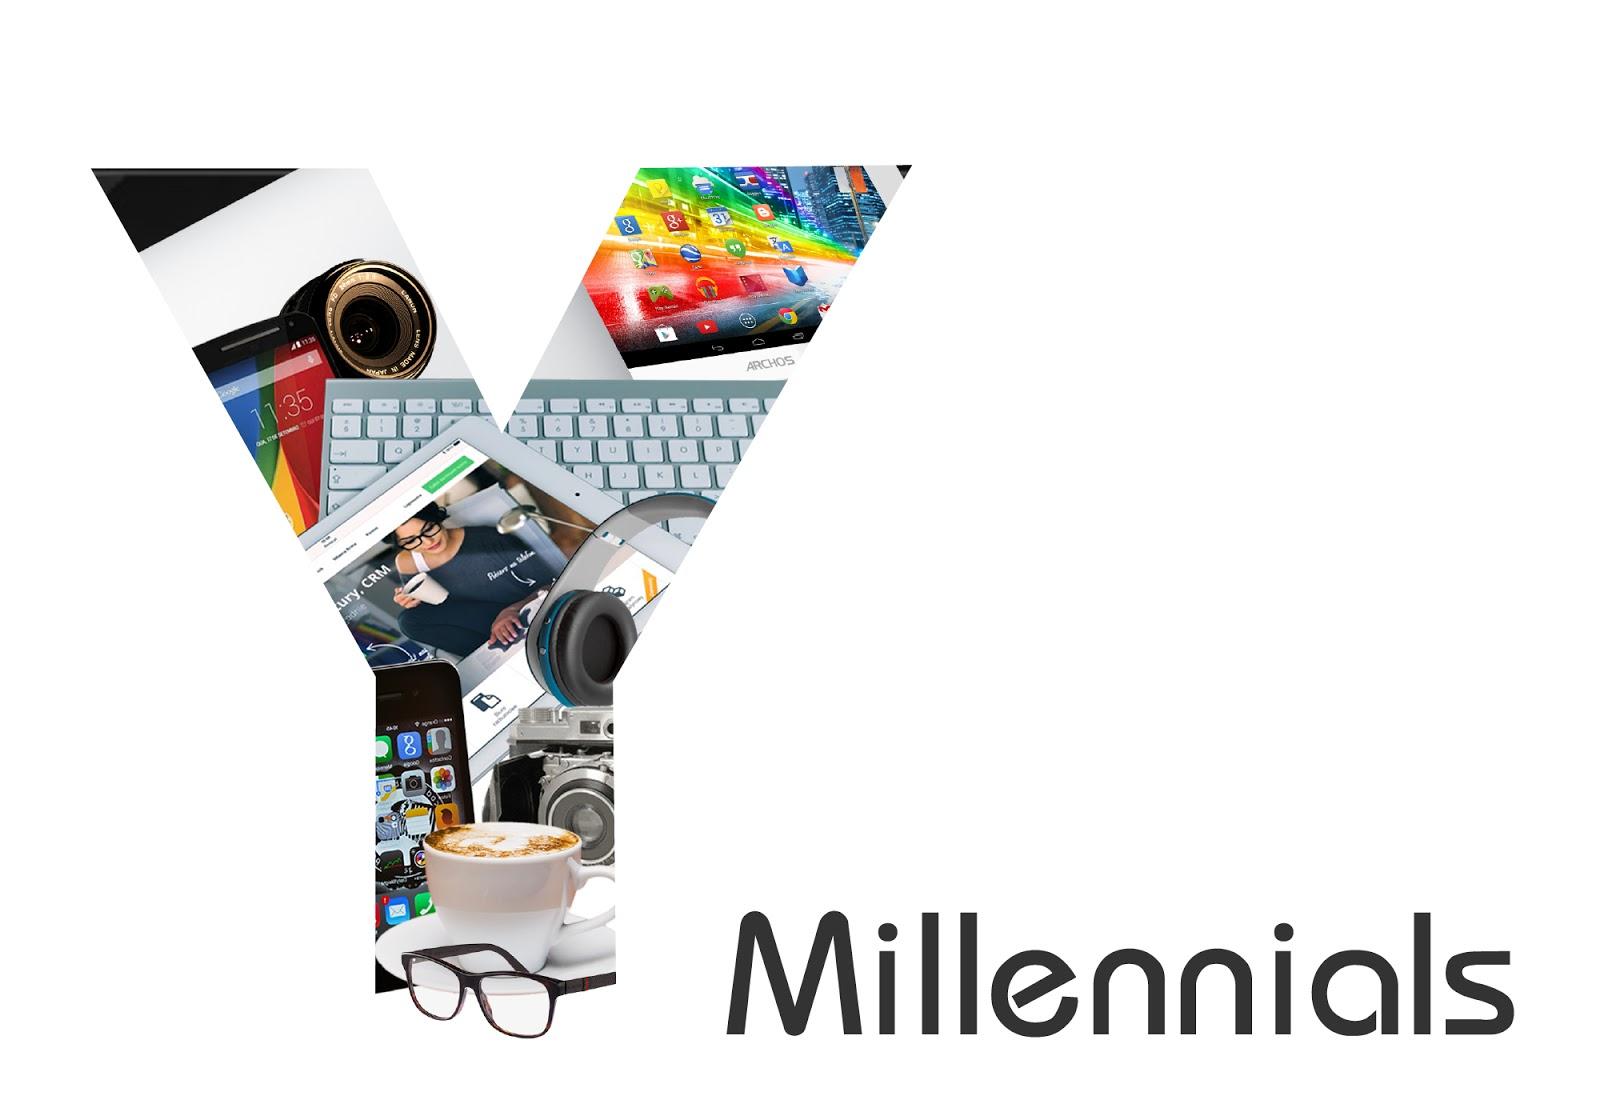 Geração Y ou Millennials